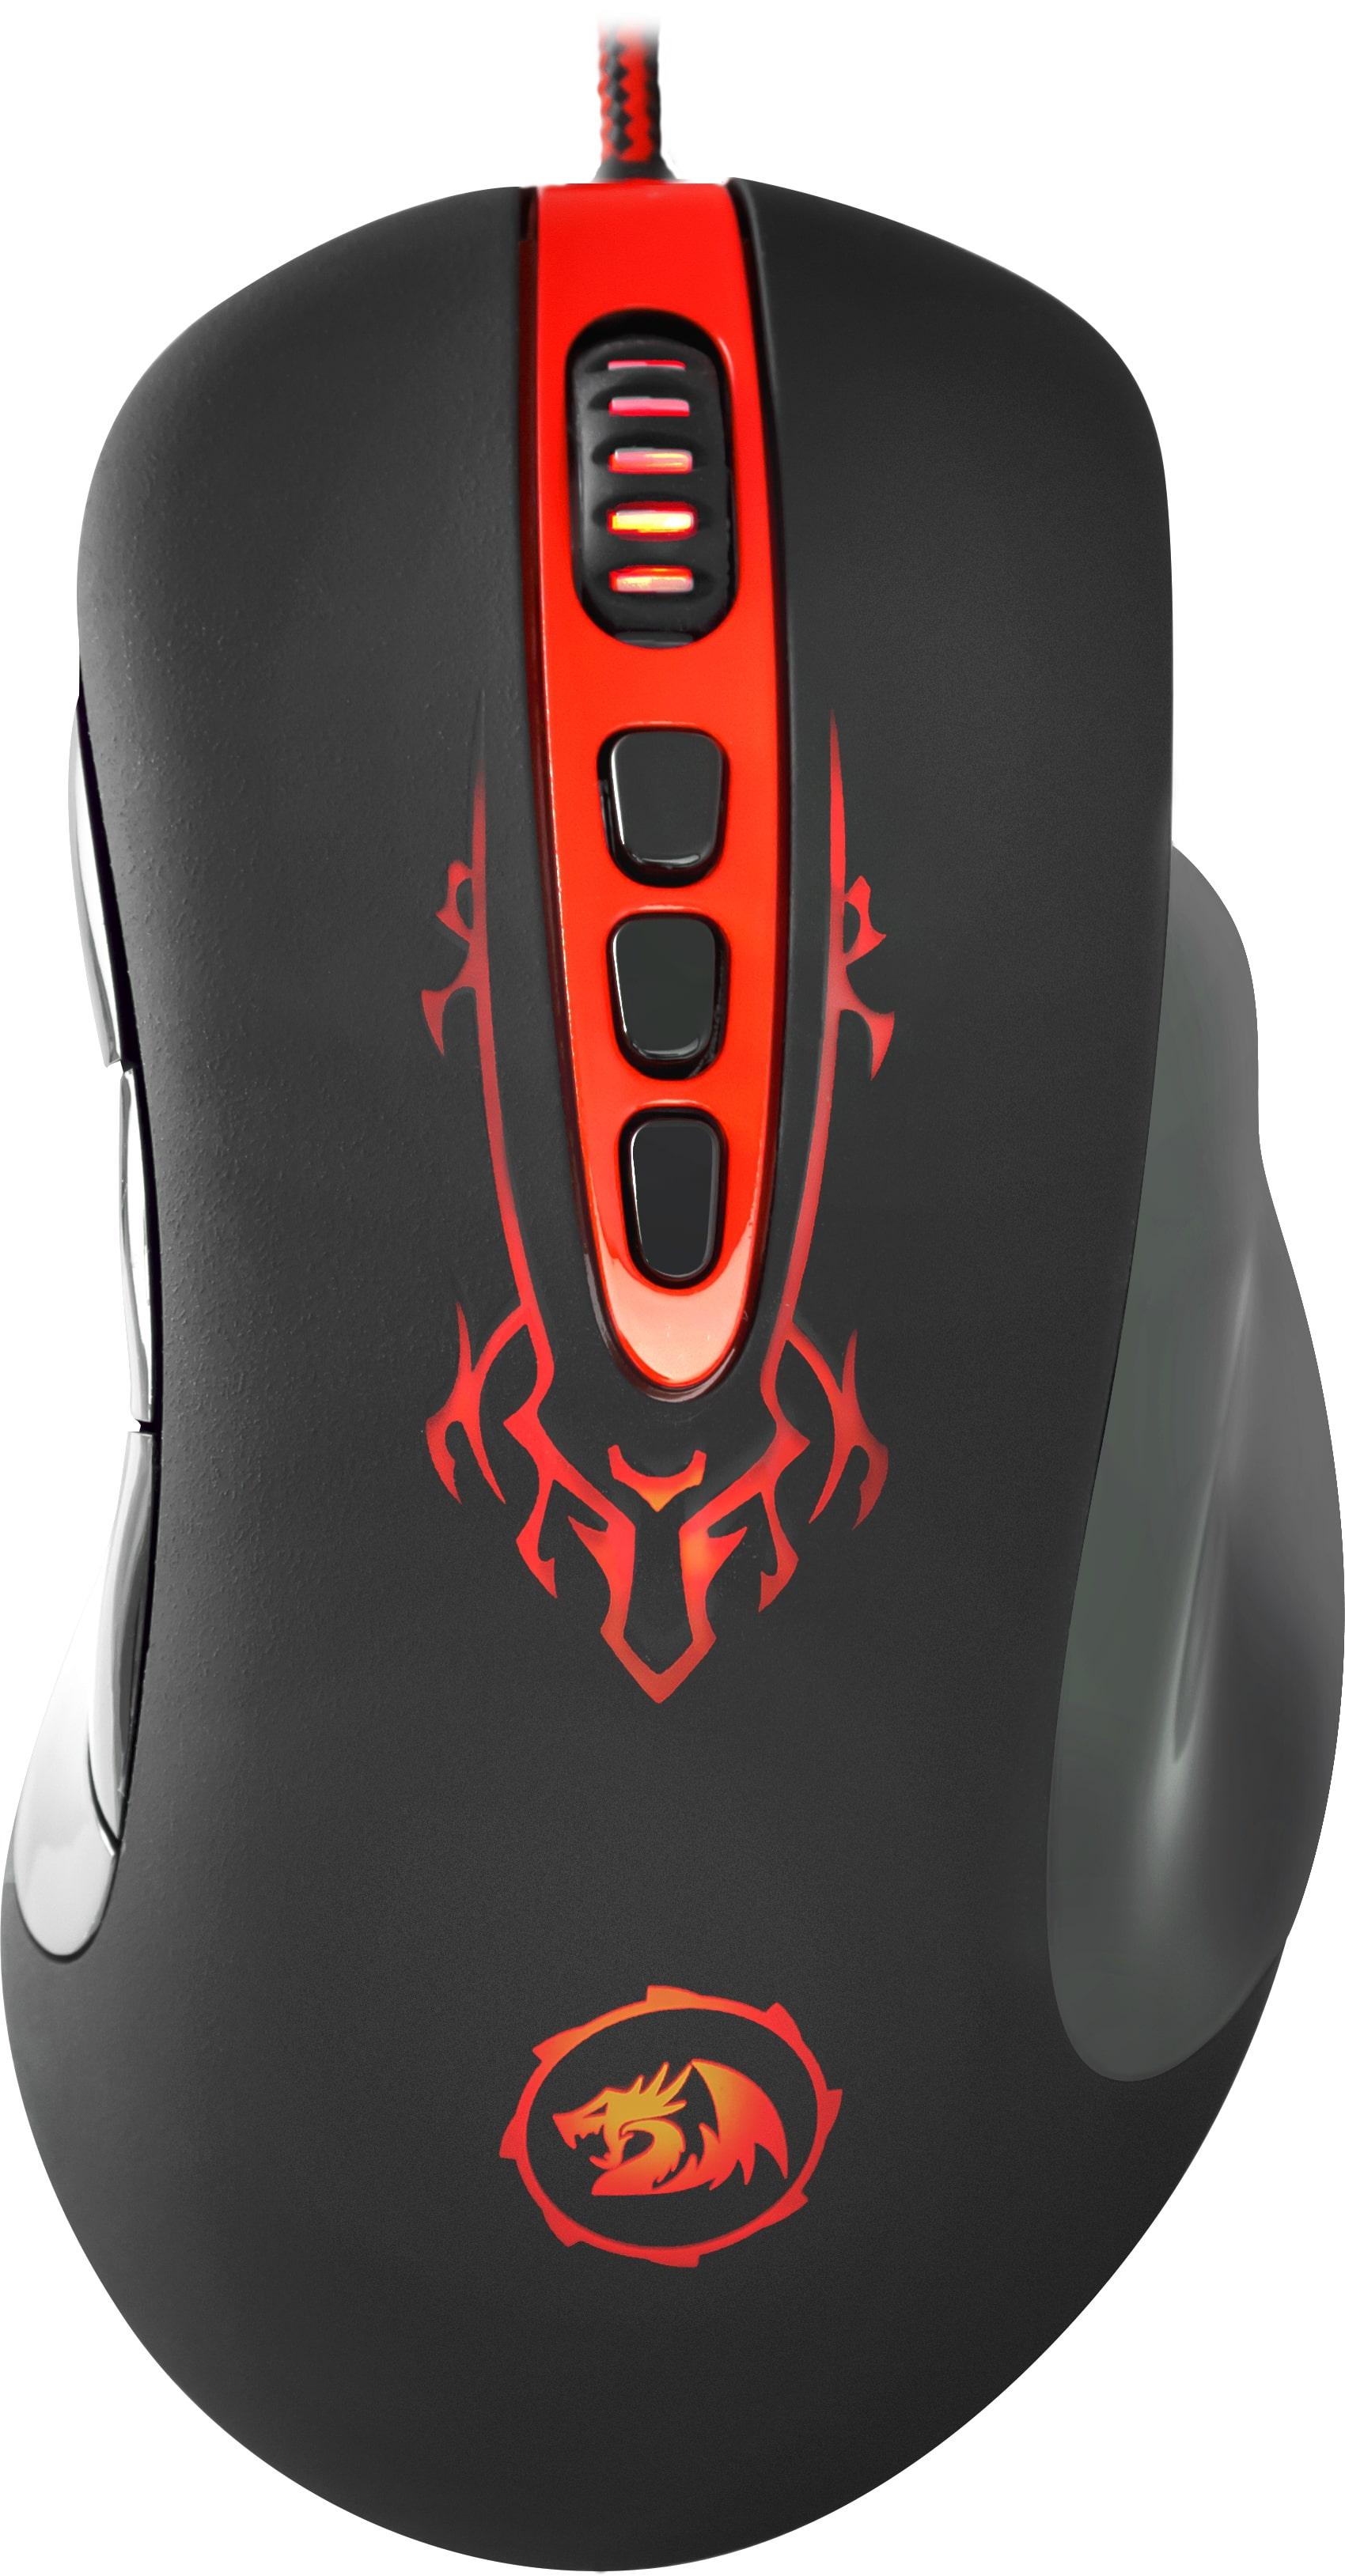 Игровая мышь Redragon Origin оптика,10 кнопок,4000 dpi